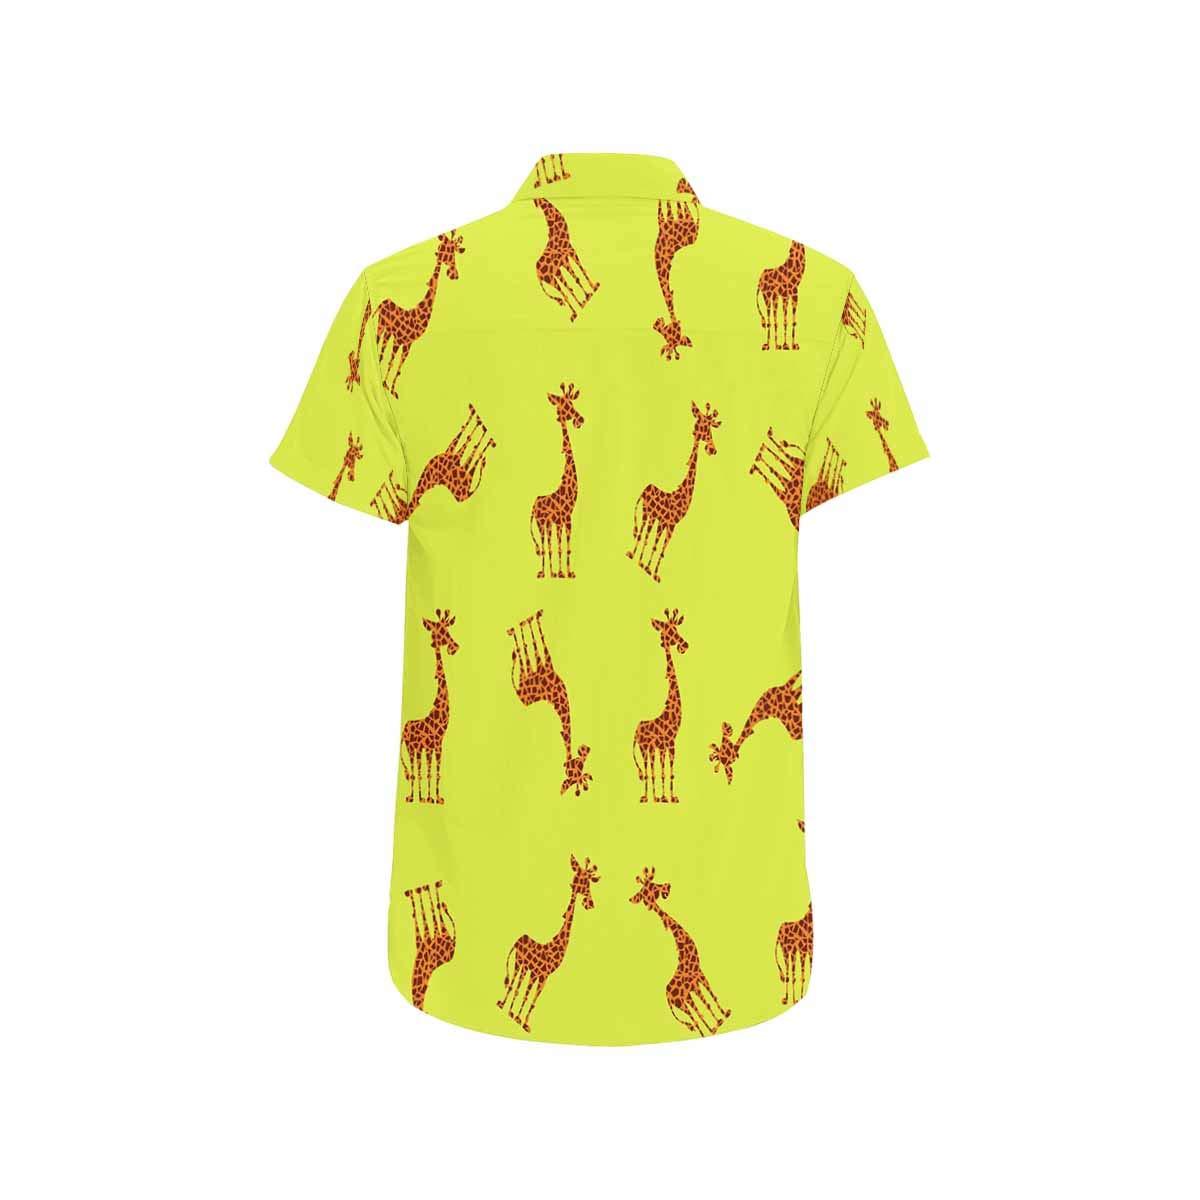 InterestPrint Cute Giraffe Shirts Summer Short Sleeve Stand Collar Casual T-Shirt Beach Tops for Men